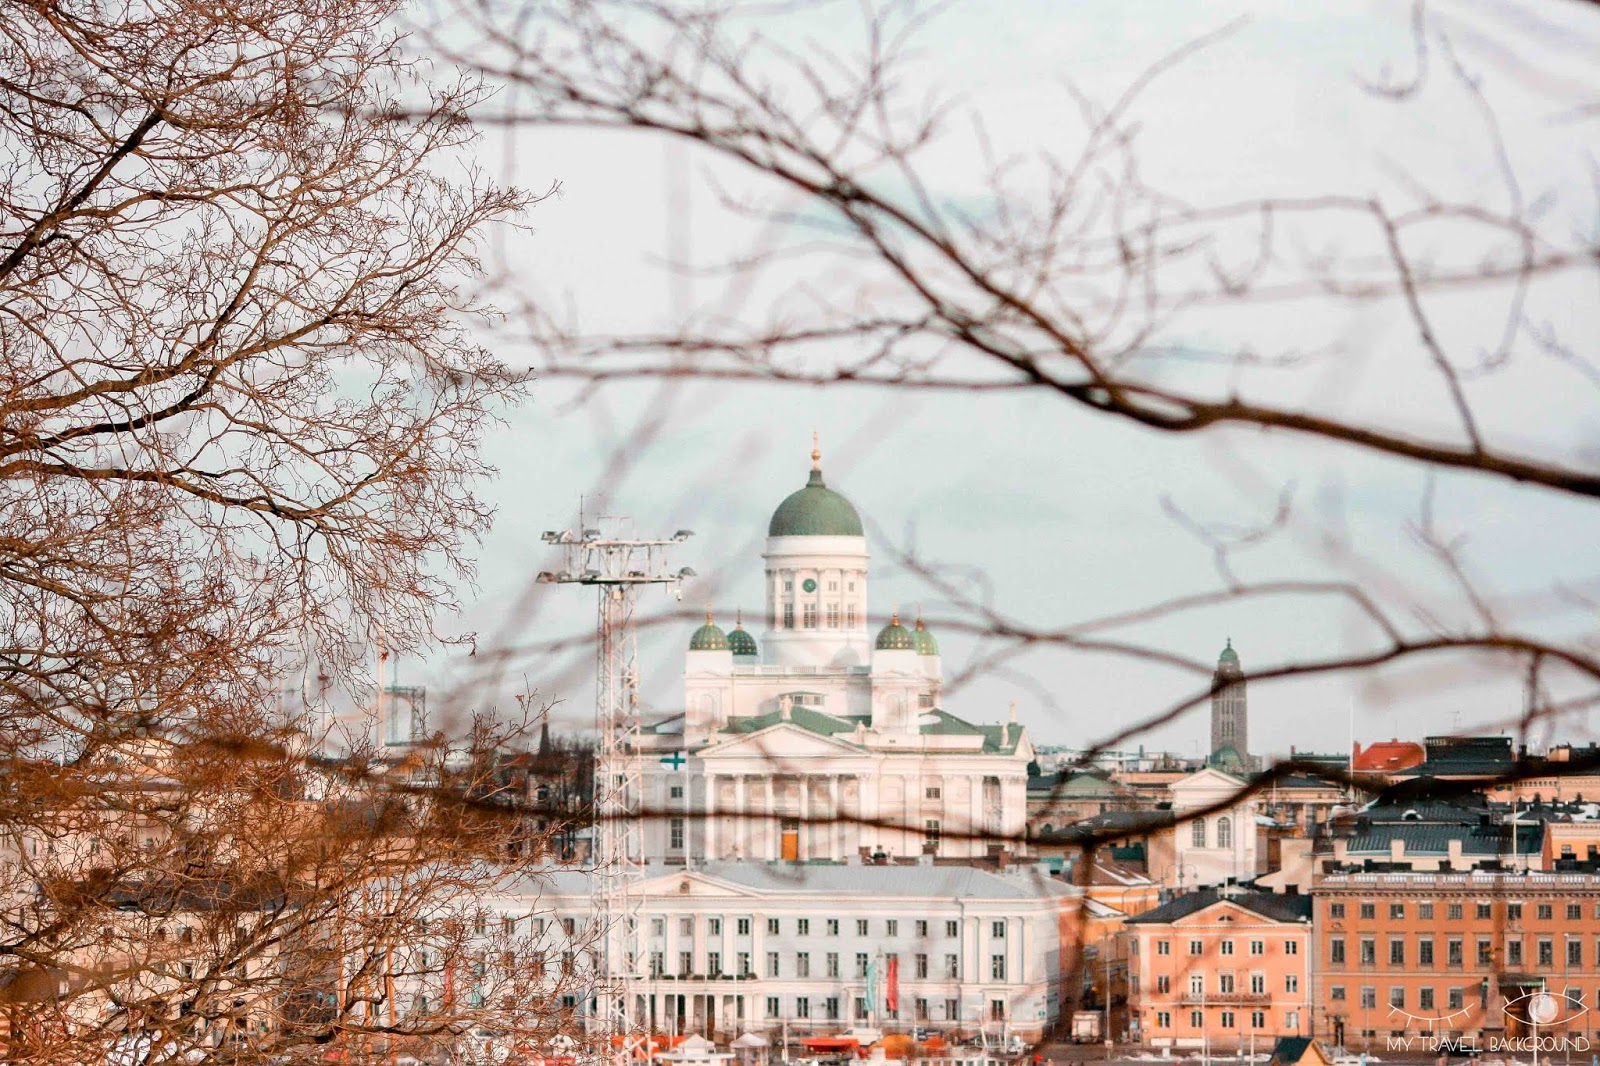 My Travel Background : 2 jours pour découvrir Helsinki, la capitale de la Finlande - Vue sur la Cathédrale Luthérienne depuis le parc de l'ancien observatoire